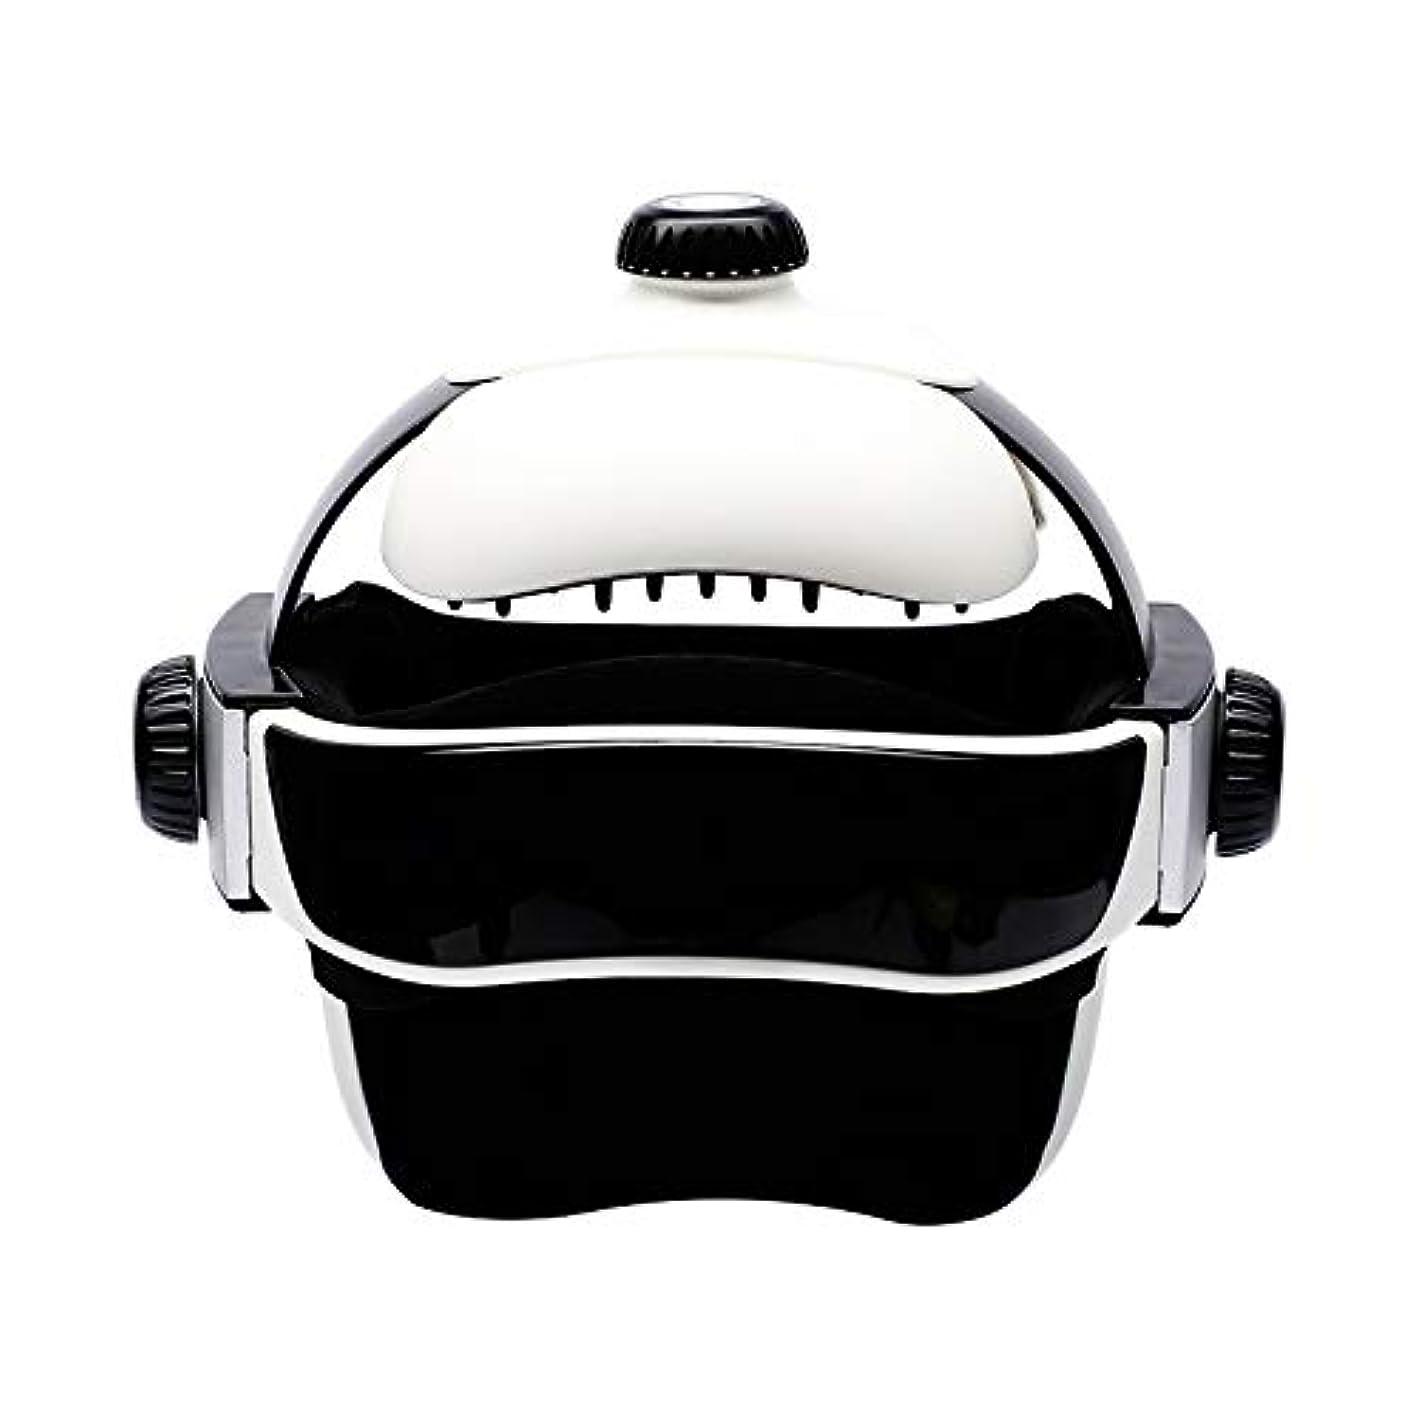 撤回する線形本能ヘルメットの電動が機能している頭皮は同じタイプのマッサージ器です [並行輸入品]